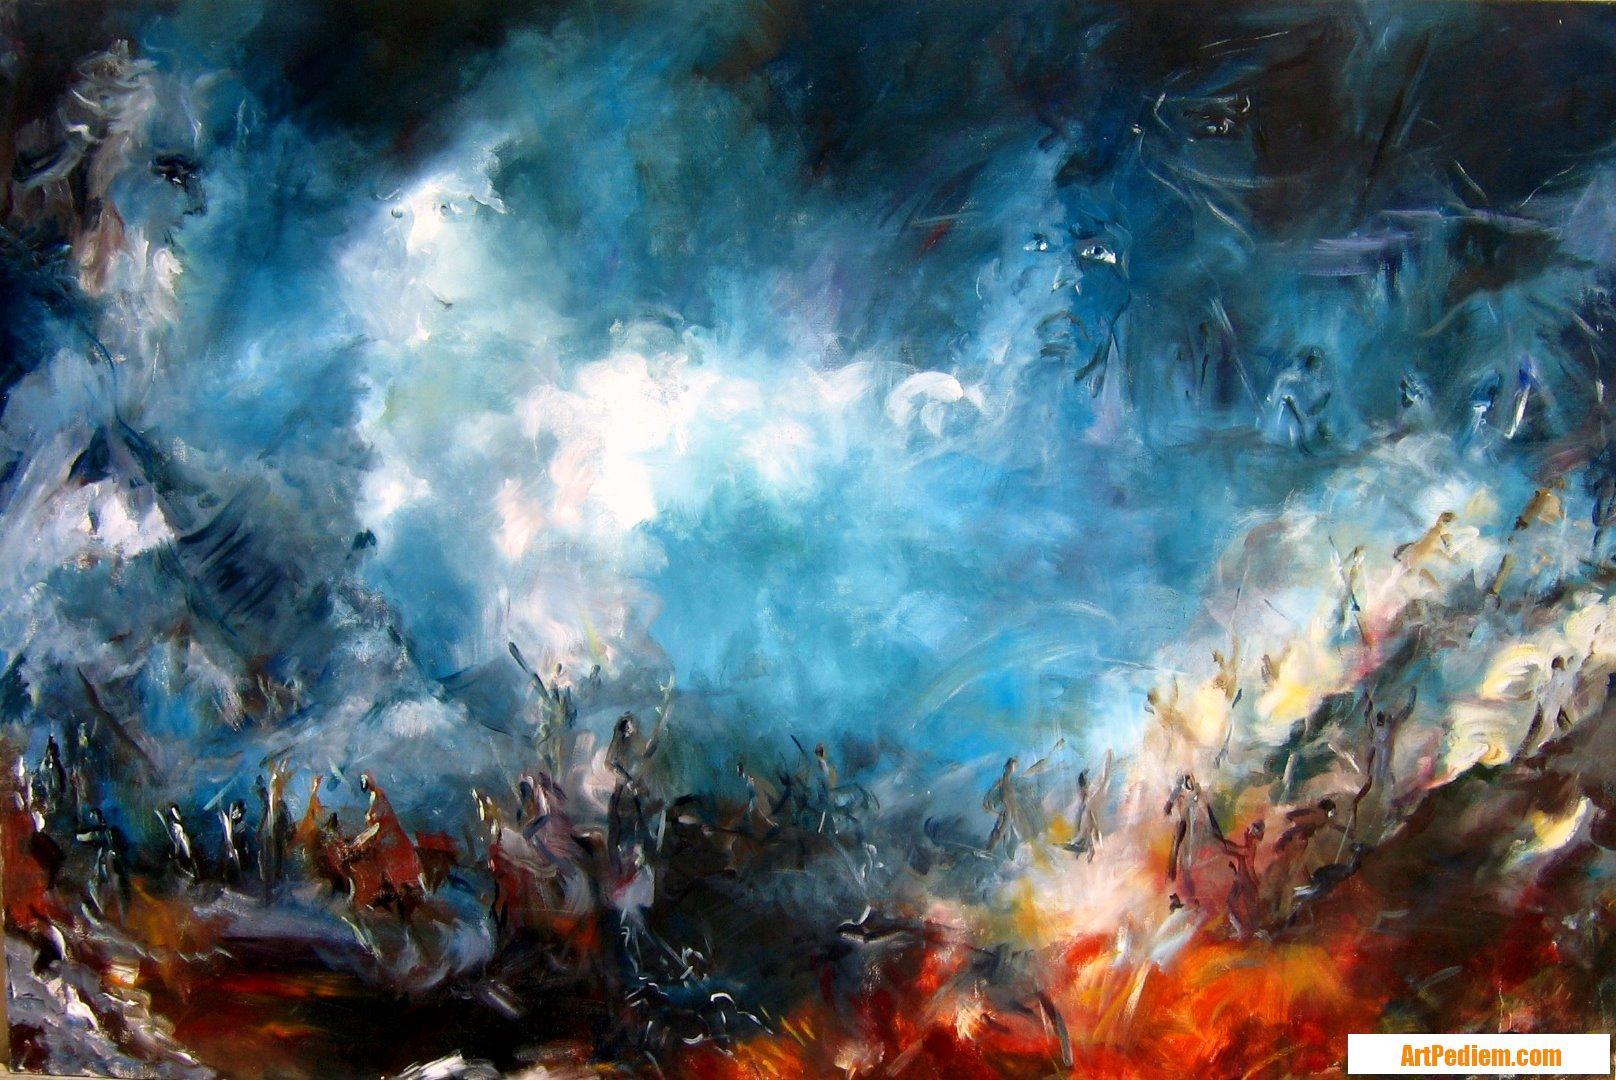 Oeuvre colere - 195x130 cm  de l'Artiste DELPLACE anne